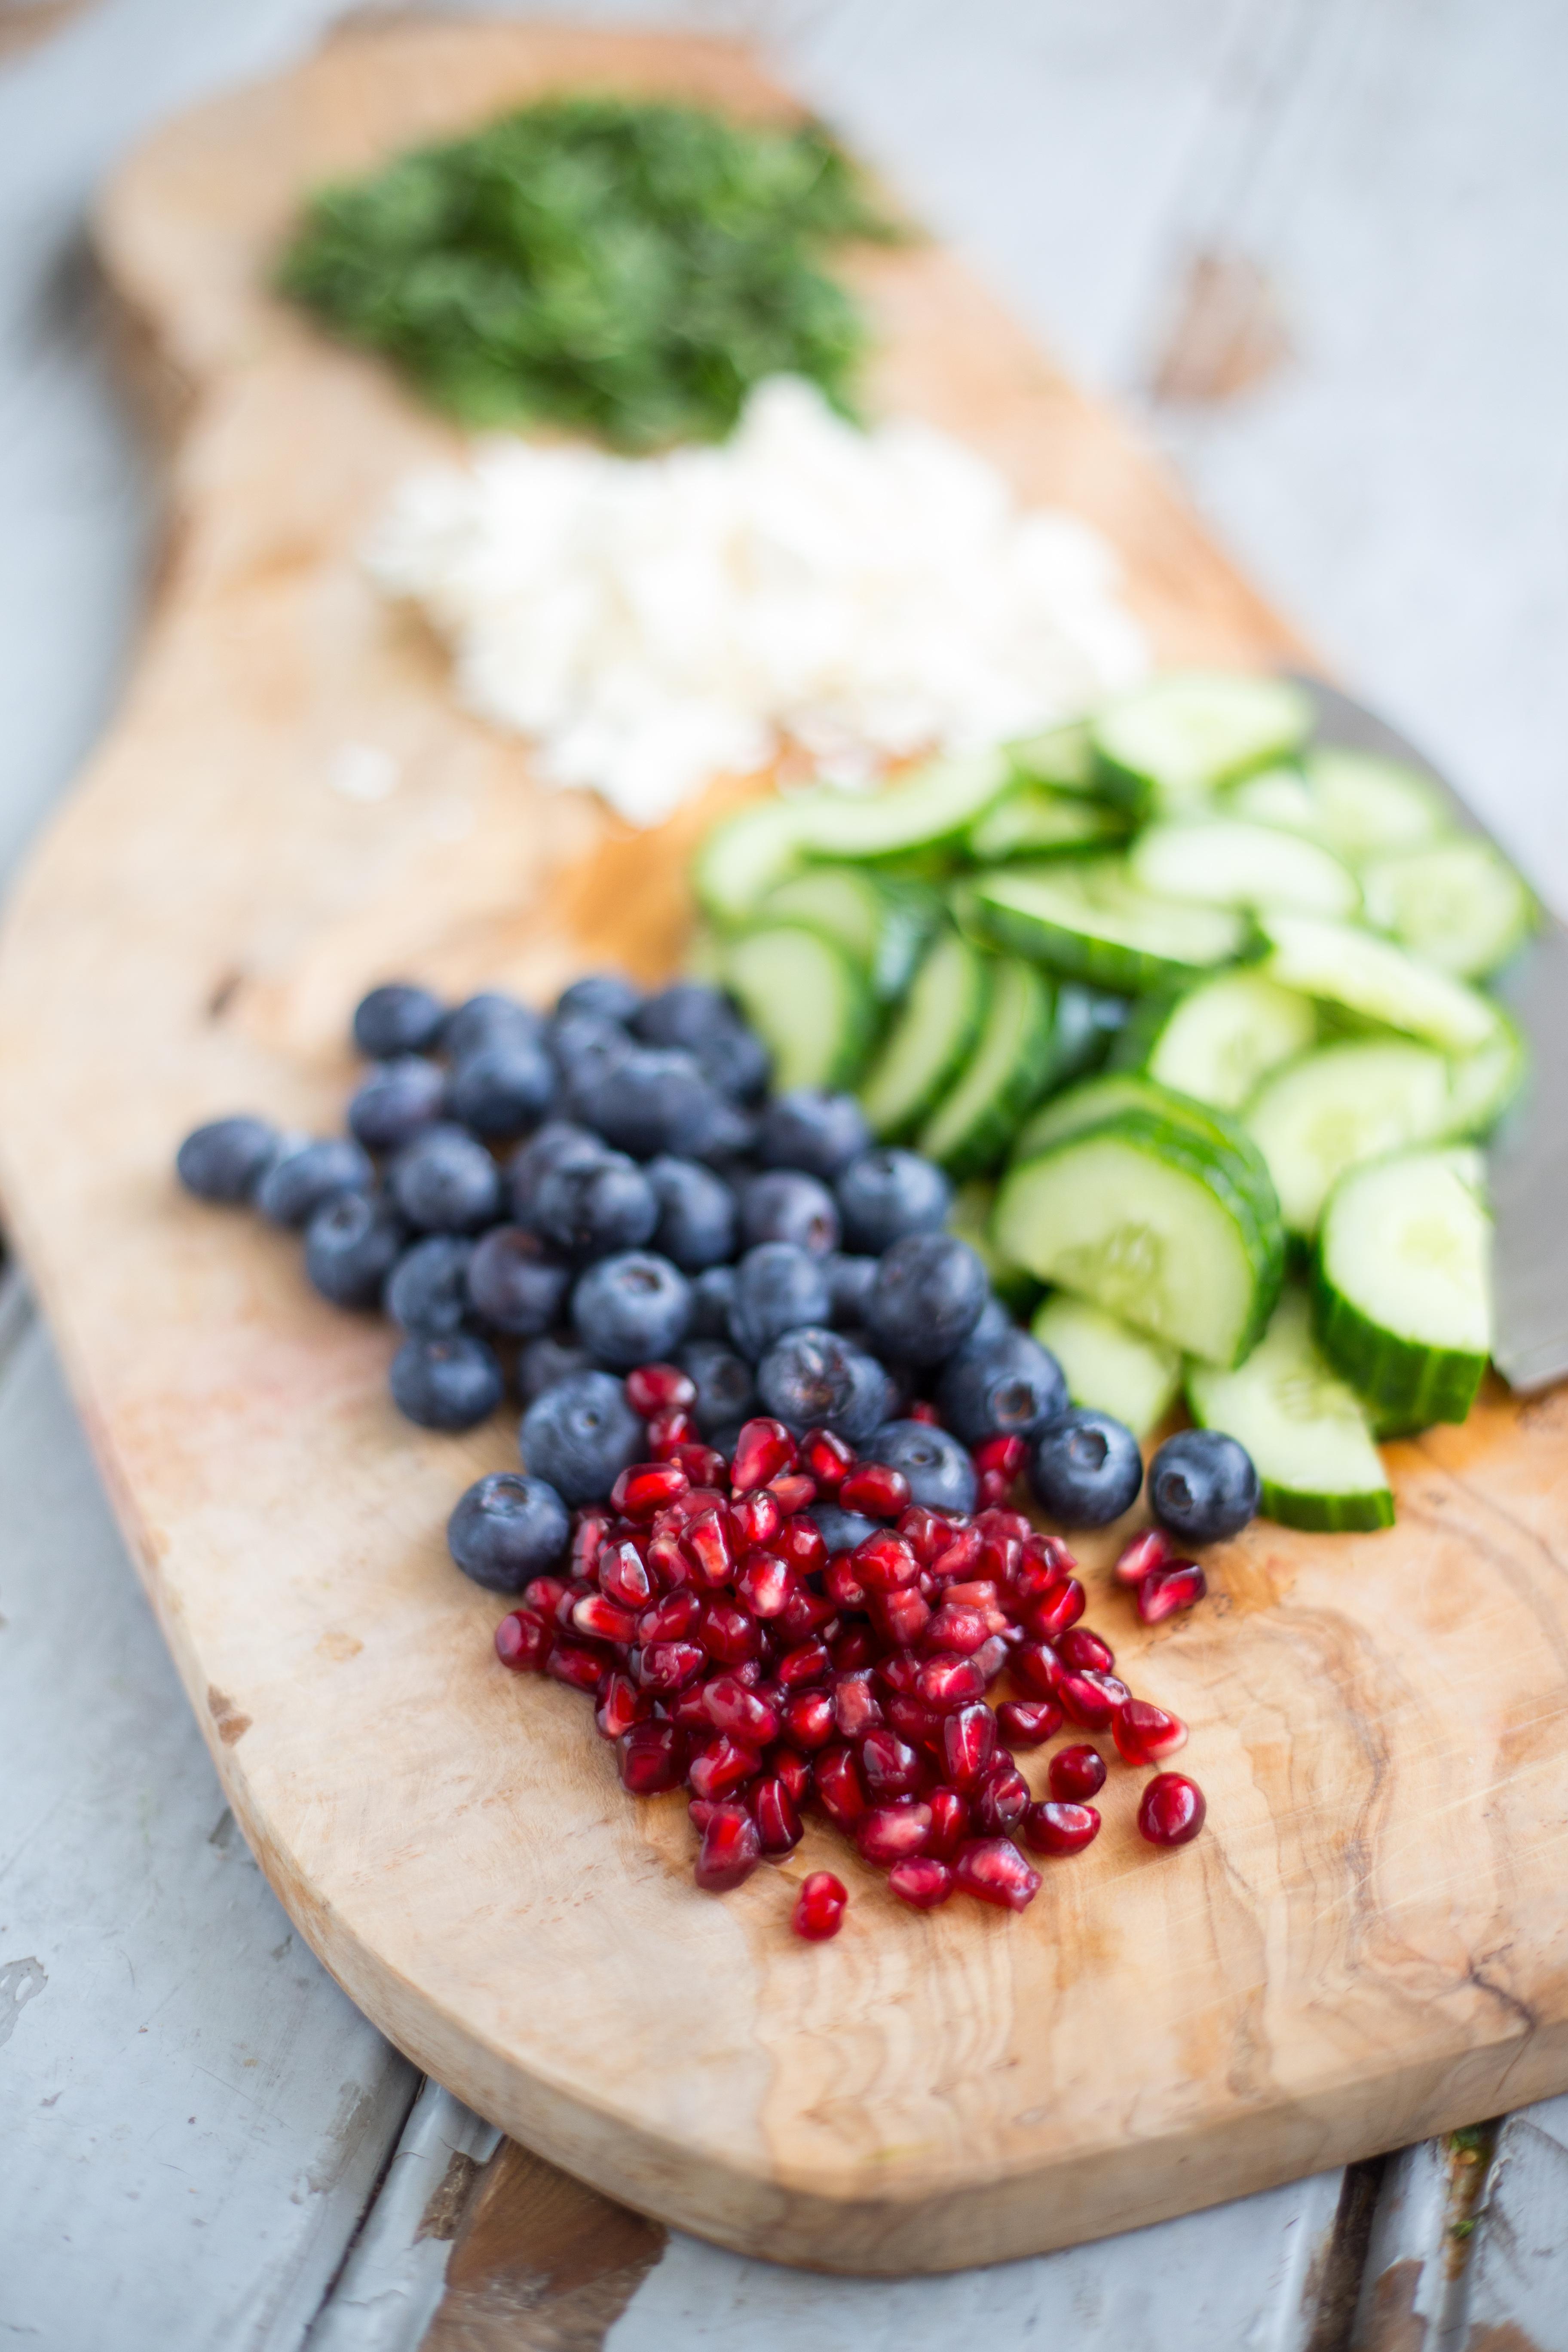 Gerst Salade met Komkommer, Granaatappel, Bosbessen, Feta en Munt // Recept en fotografie door Rosalie Ruardy